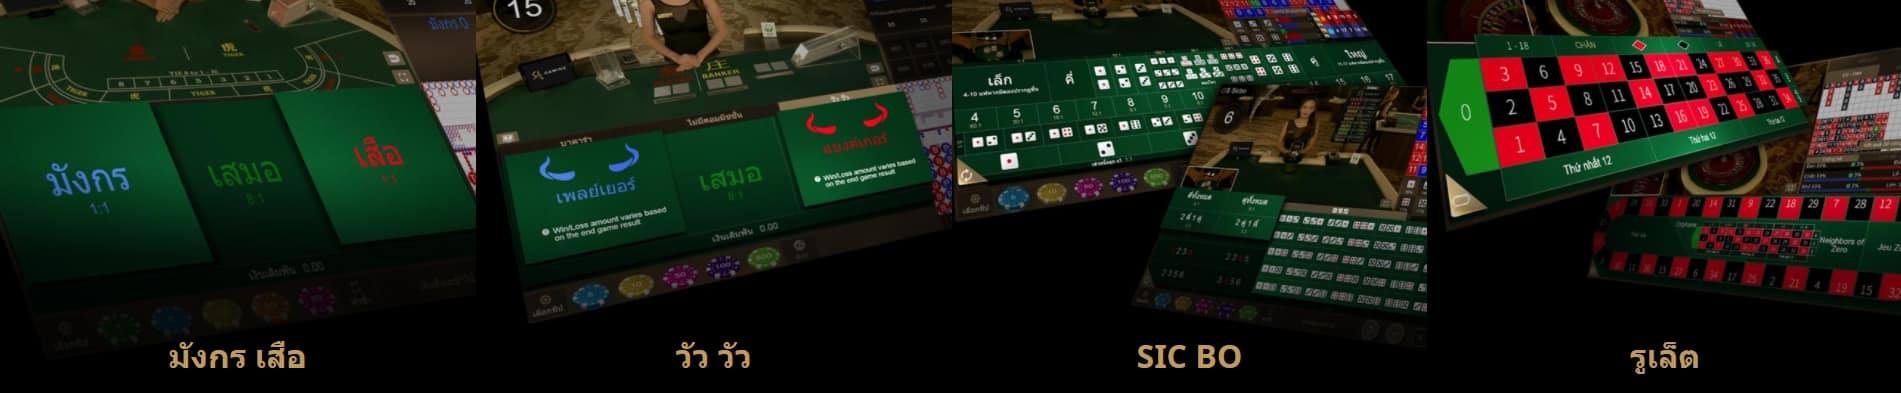 SA Gaming - SBBTH